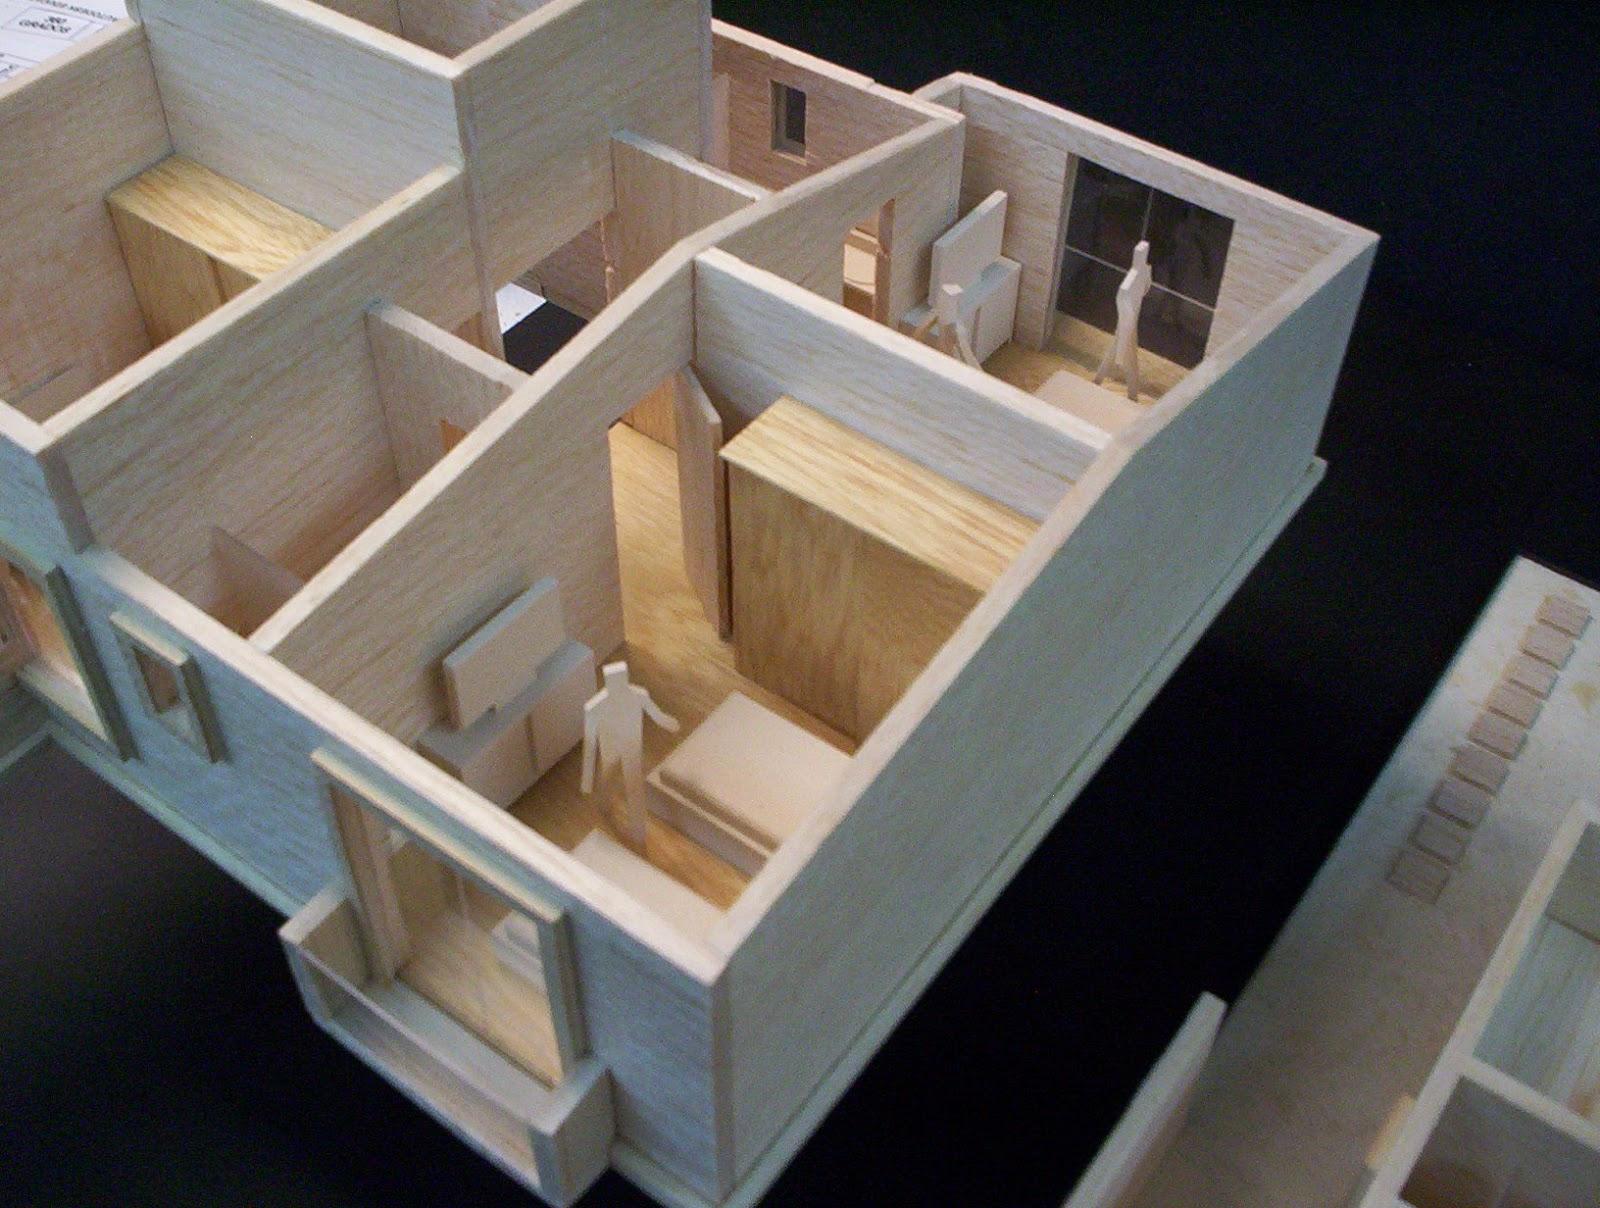 Maqueta de casa habitacion for Muebles a escala 1 50 para planos